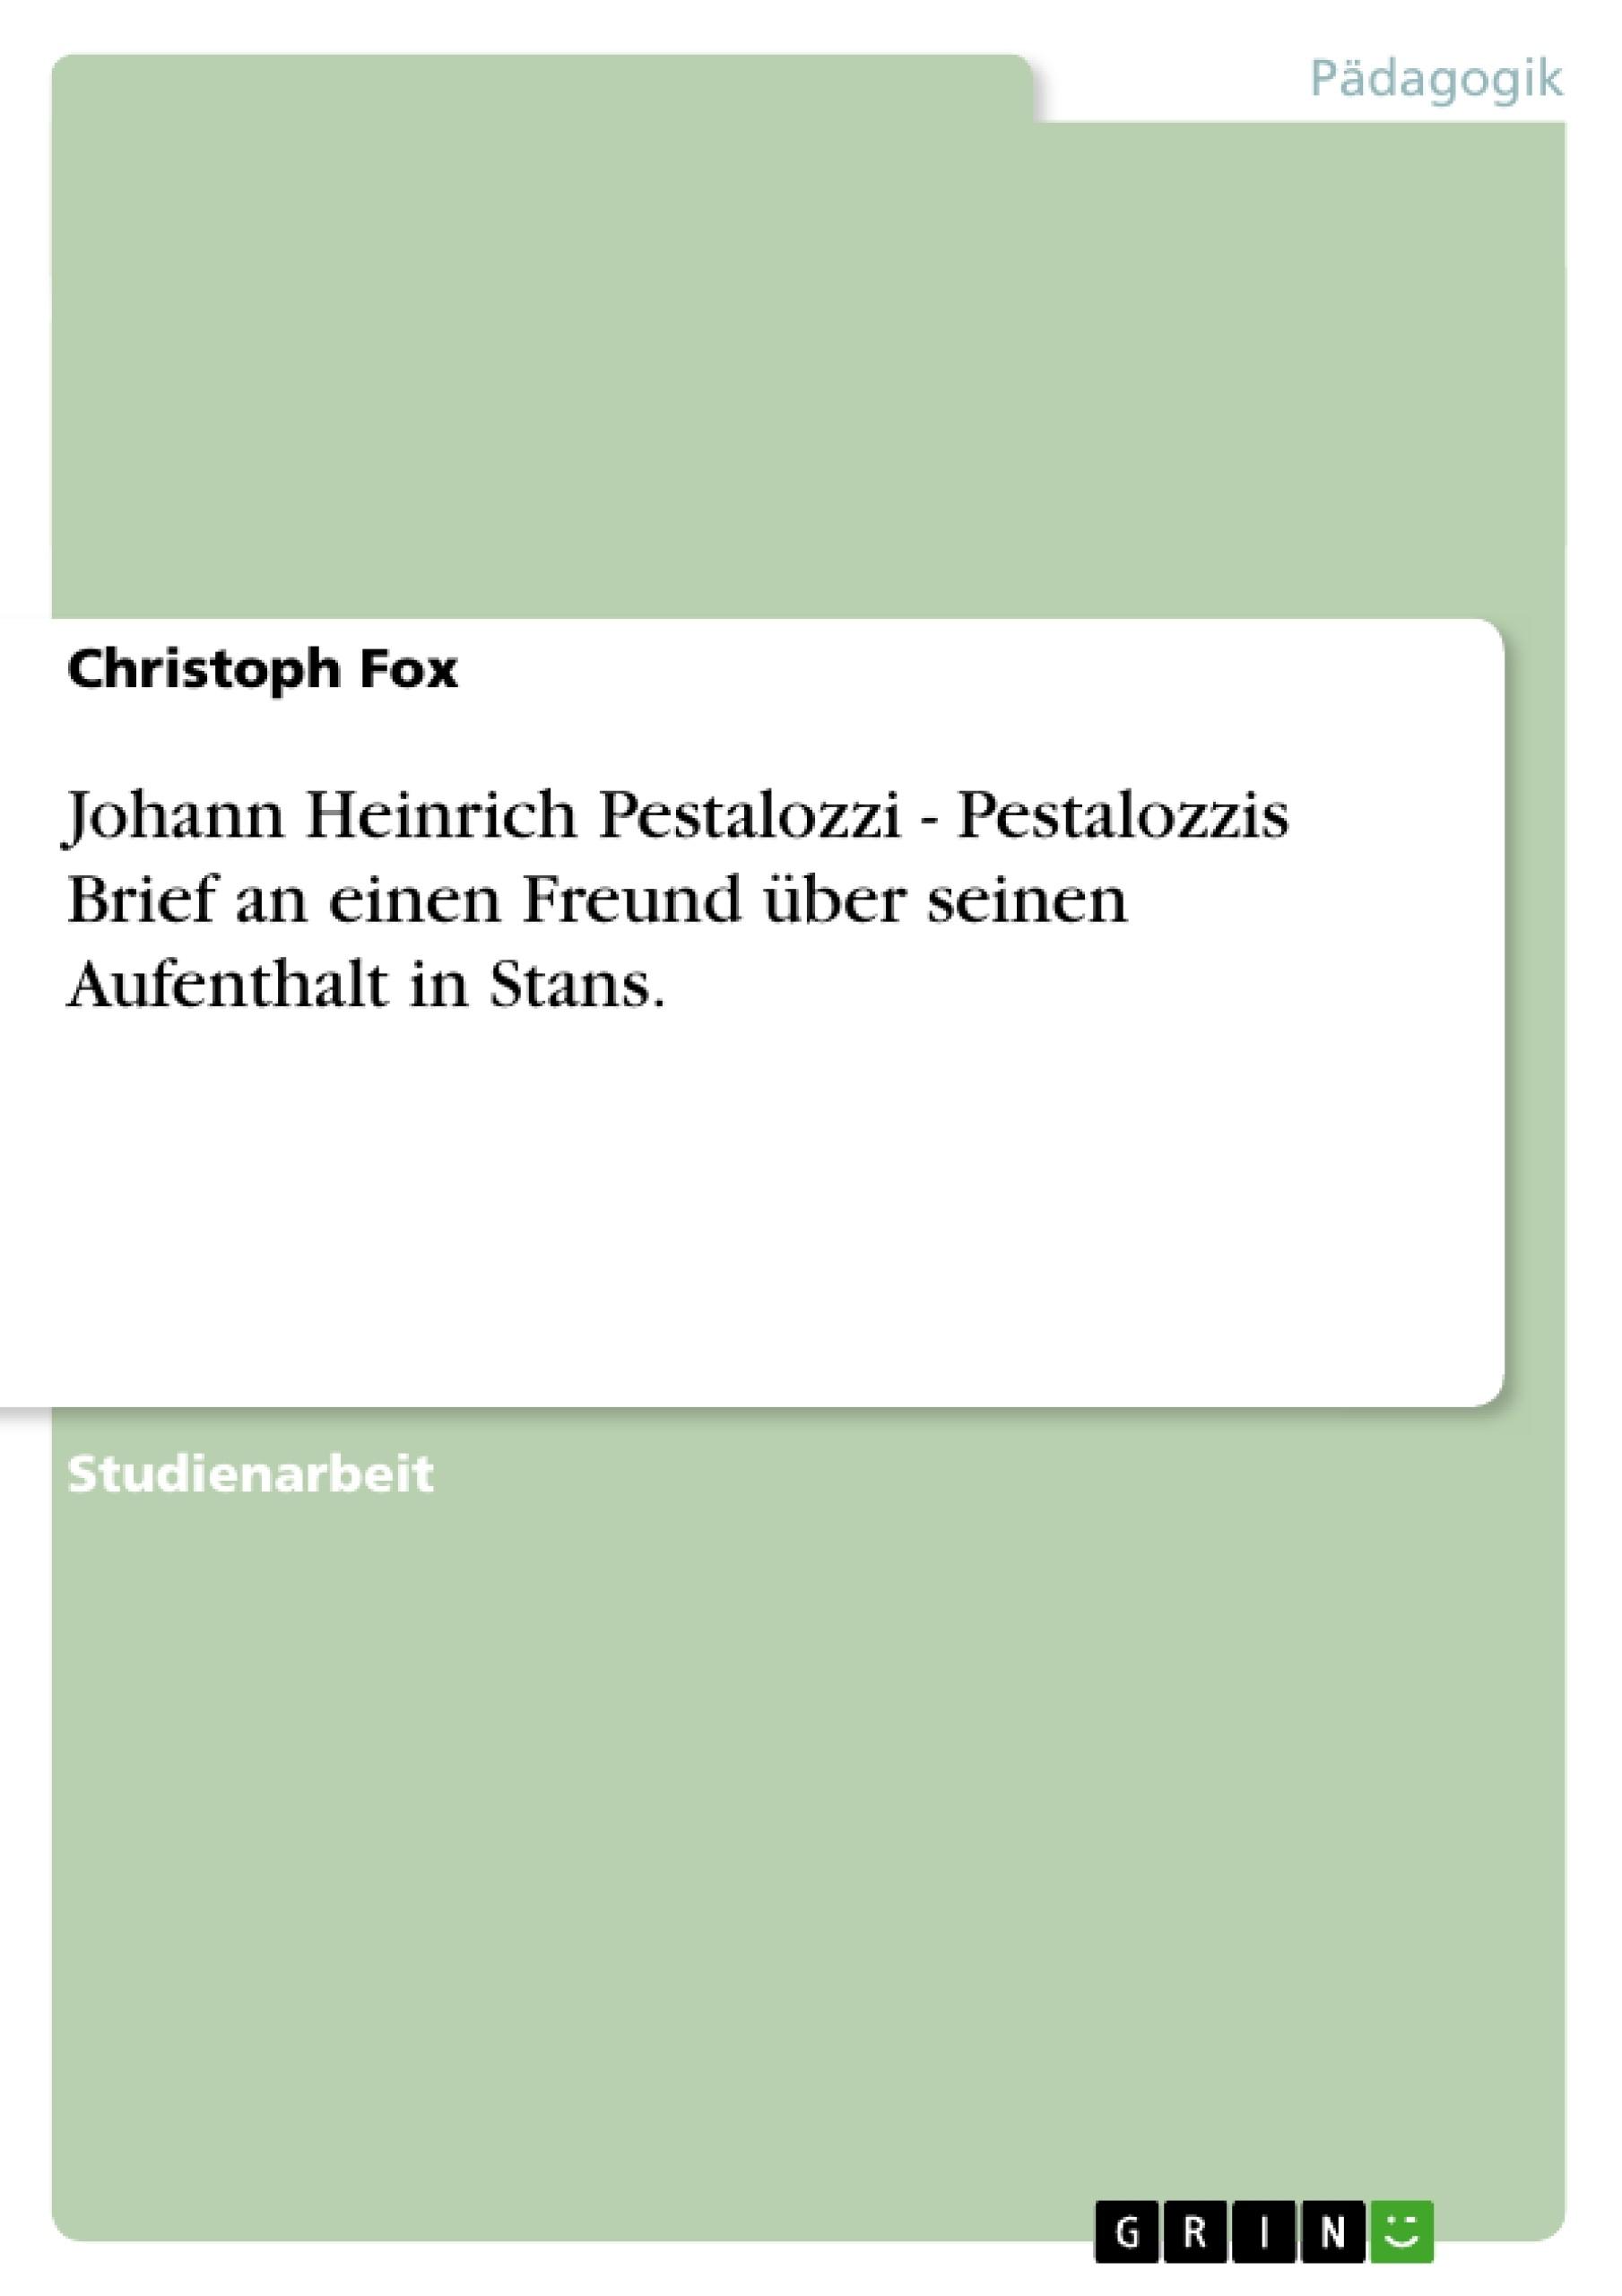 Titel: Johann Heinrich Pestalozzi - Pestalozzis Brief an einen Freund über seinen Aufenthalt in Stans.